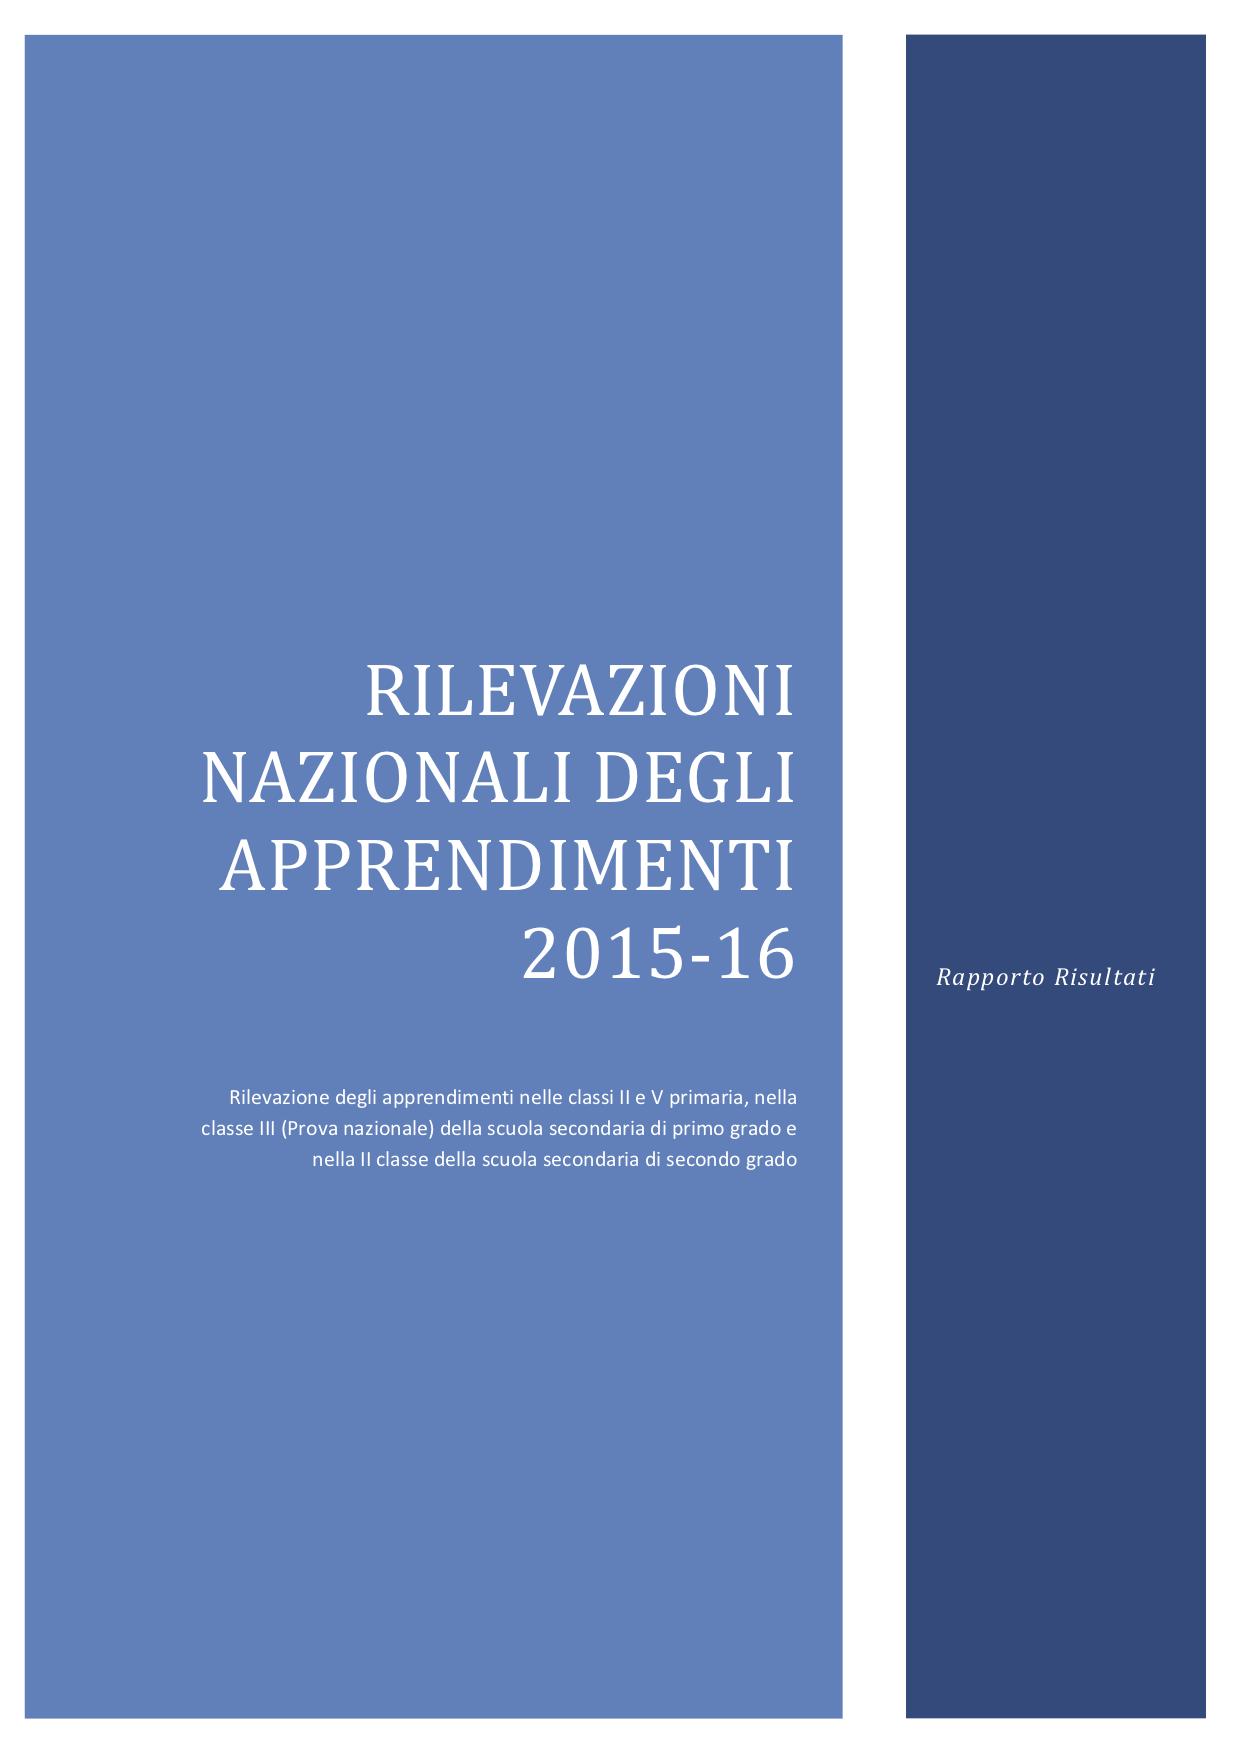 Copertina di Rapporto Prove INVALSI 2016